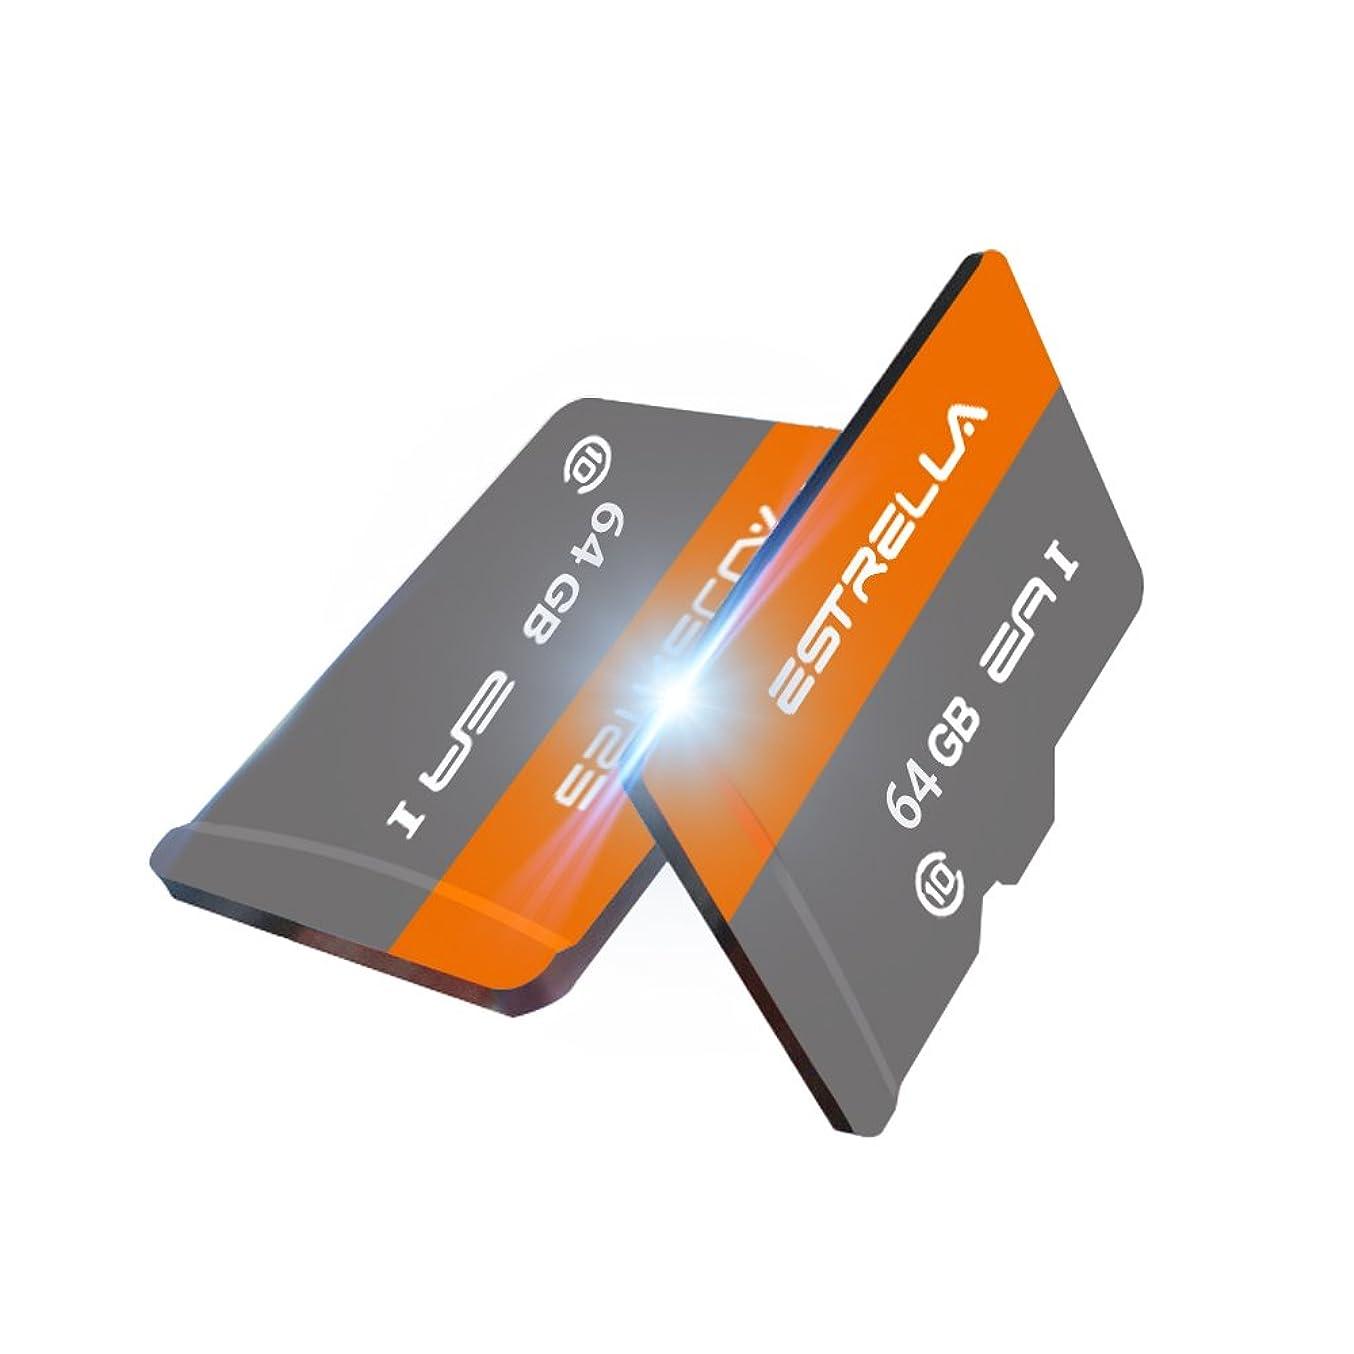 反対おじいちゃん山PinShang コンピューターメモリカードリーダー、マイクロSDカード クラス10 メモリーカード TFカード フラッシュメモリー Microsd スマートフォン用 XYM-HOME0316-7-USA67DBE8901